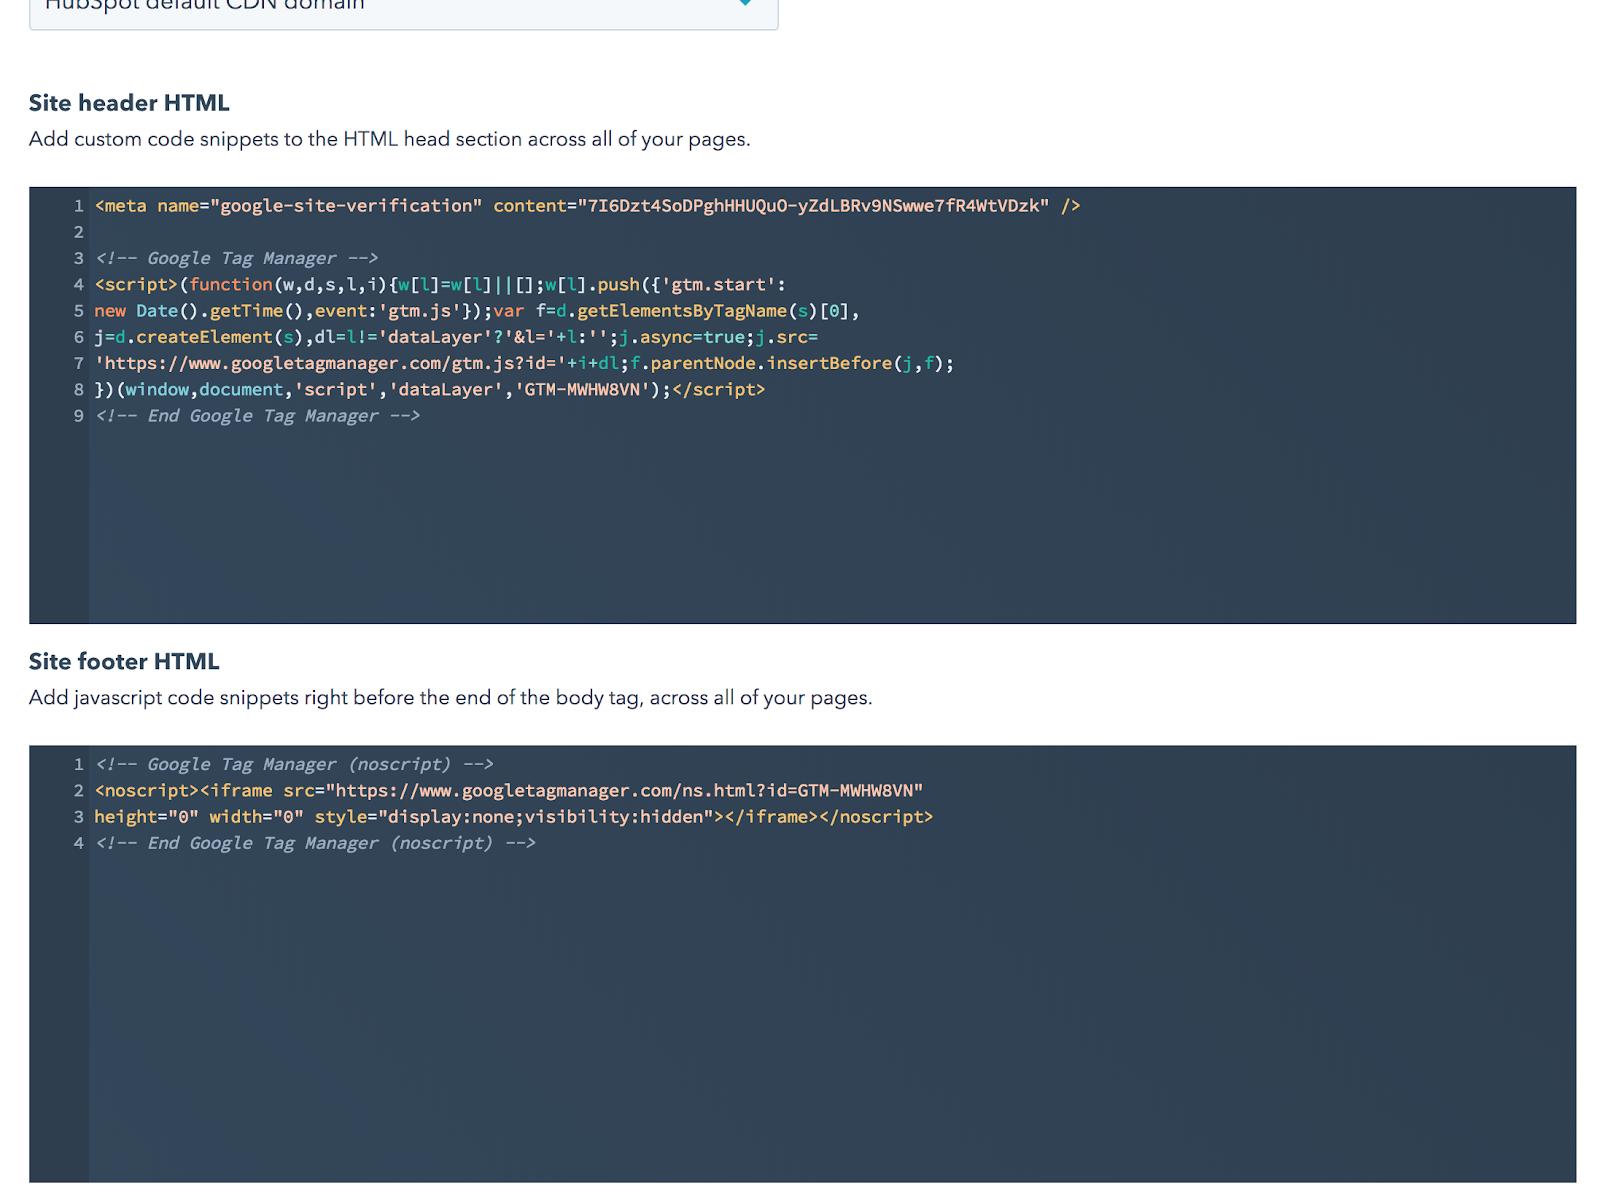 hubspot web gtm settings